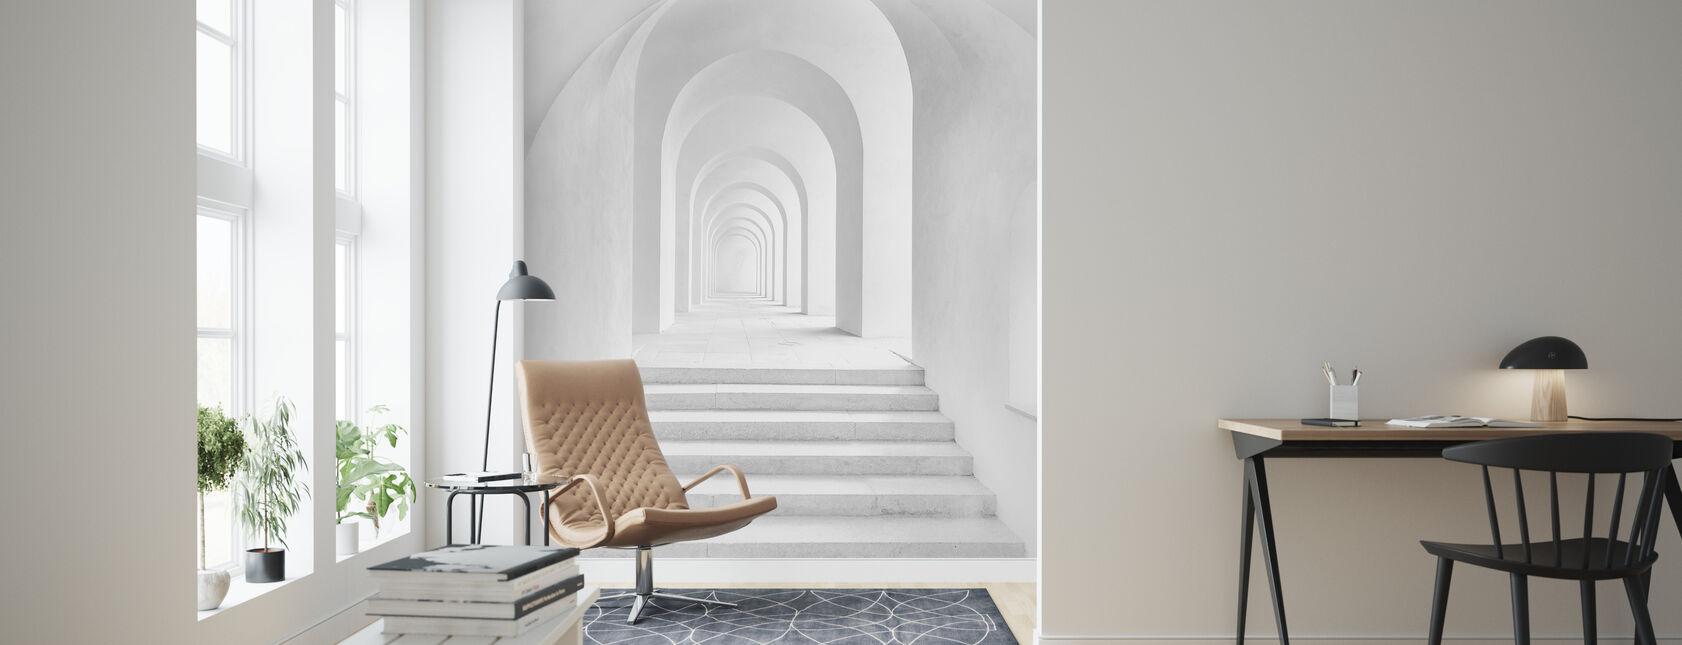 Arco Blanca - Papel pintado - Salón